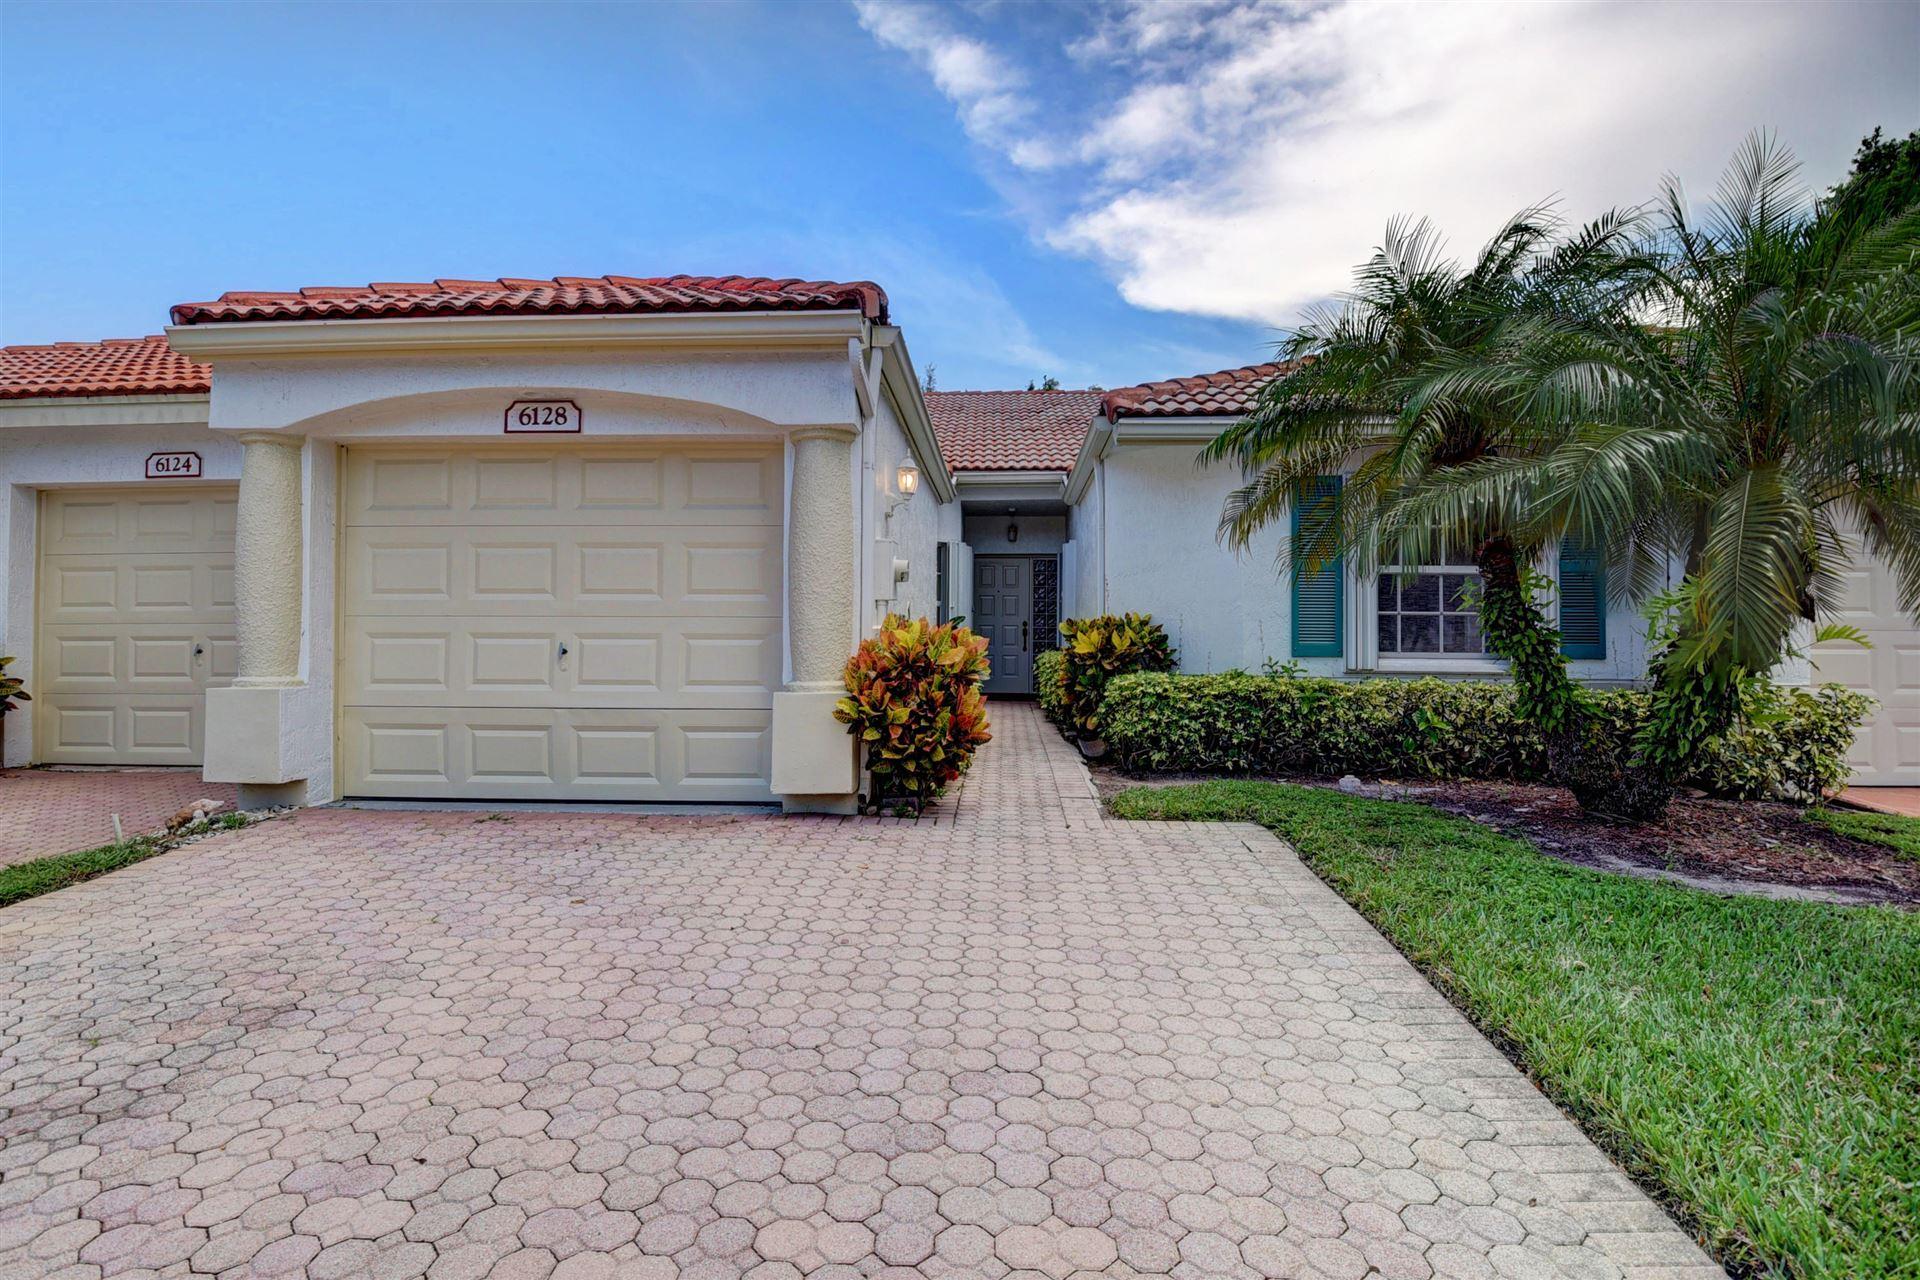 6128 Petunia Road, Delray Beach, FL 33484 - #: RX-10638363